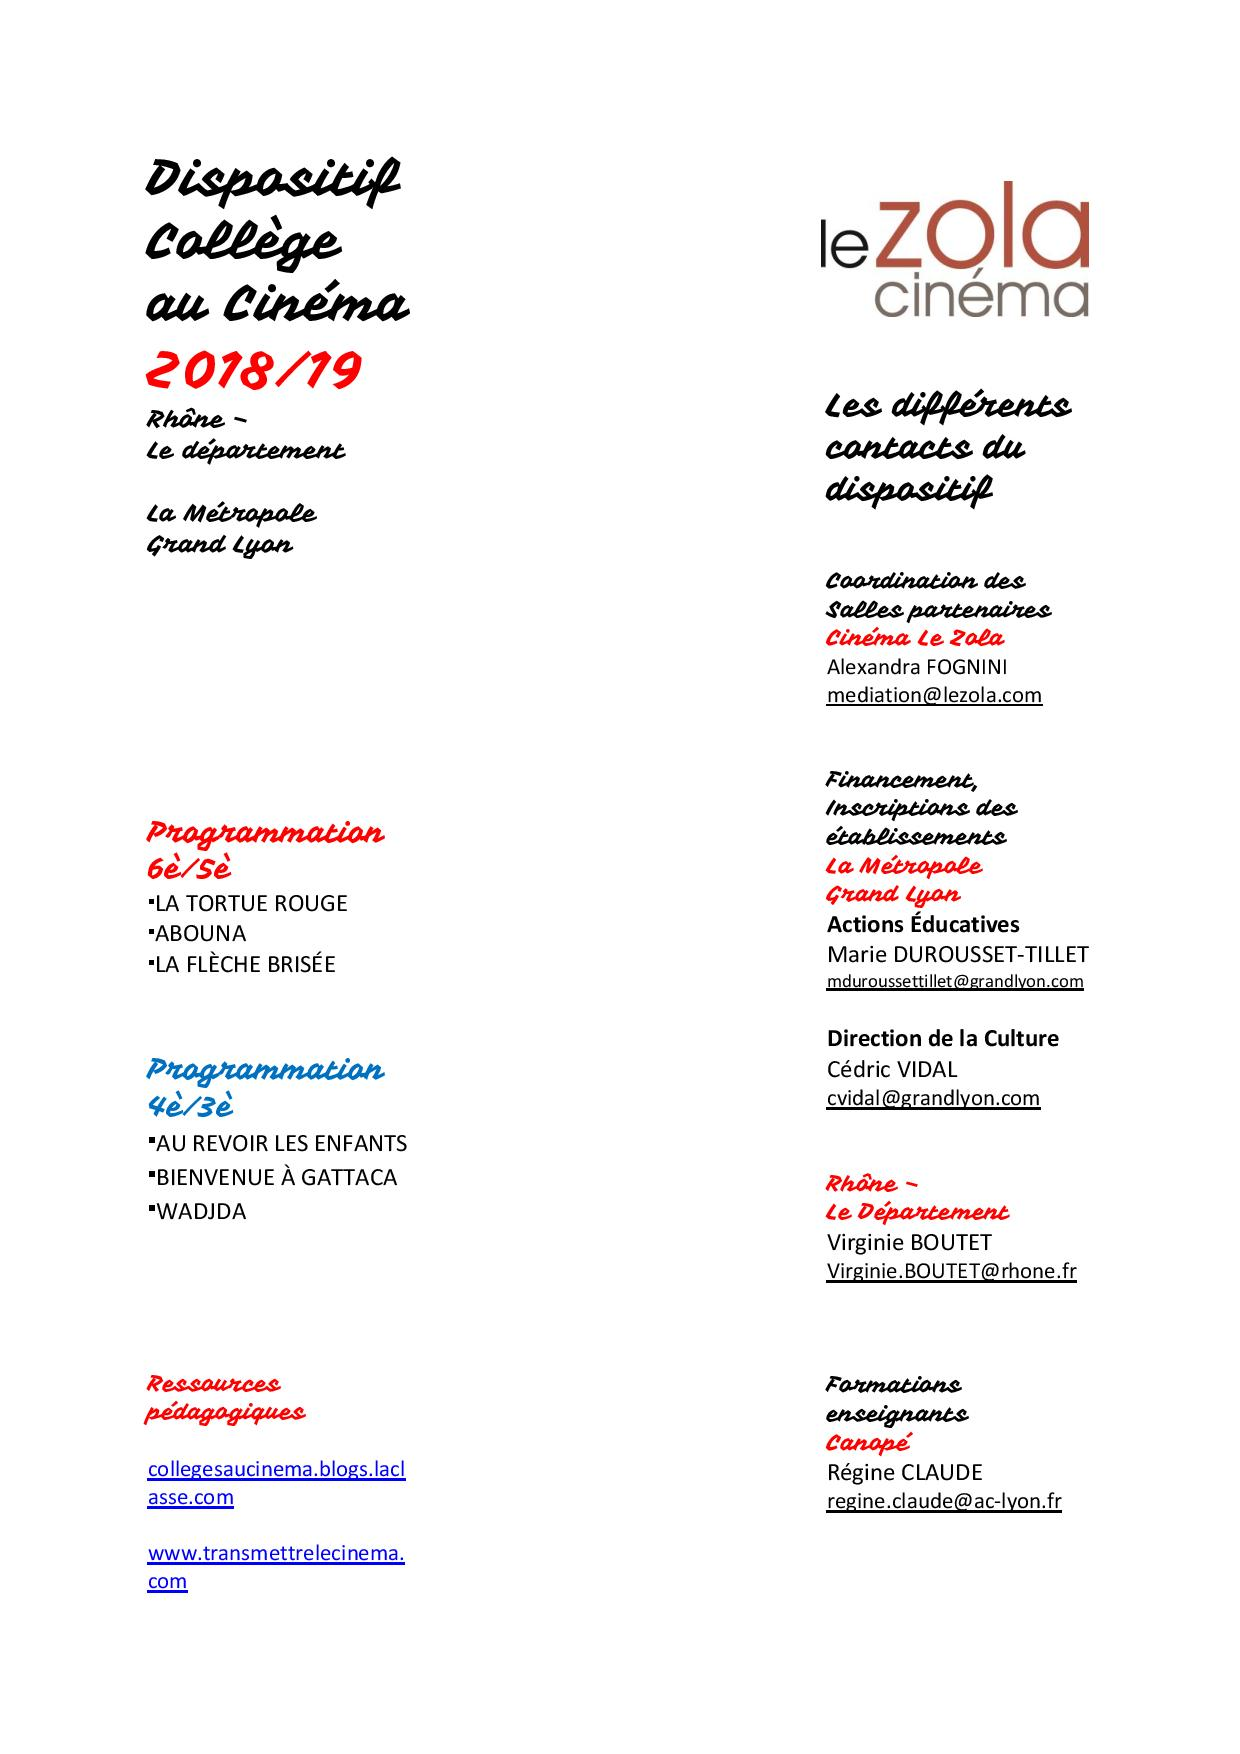 Programme Collège au Cinéma 1819-page-001